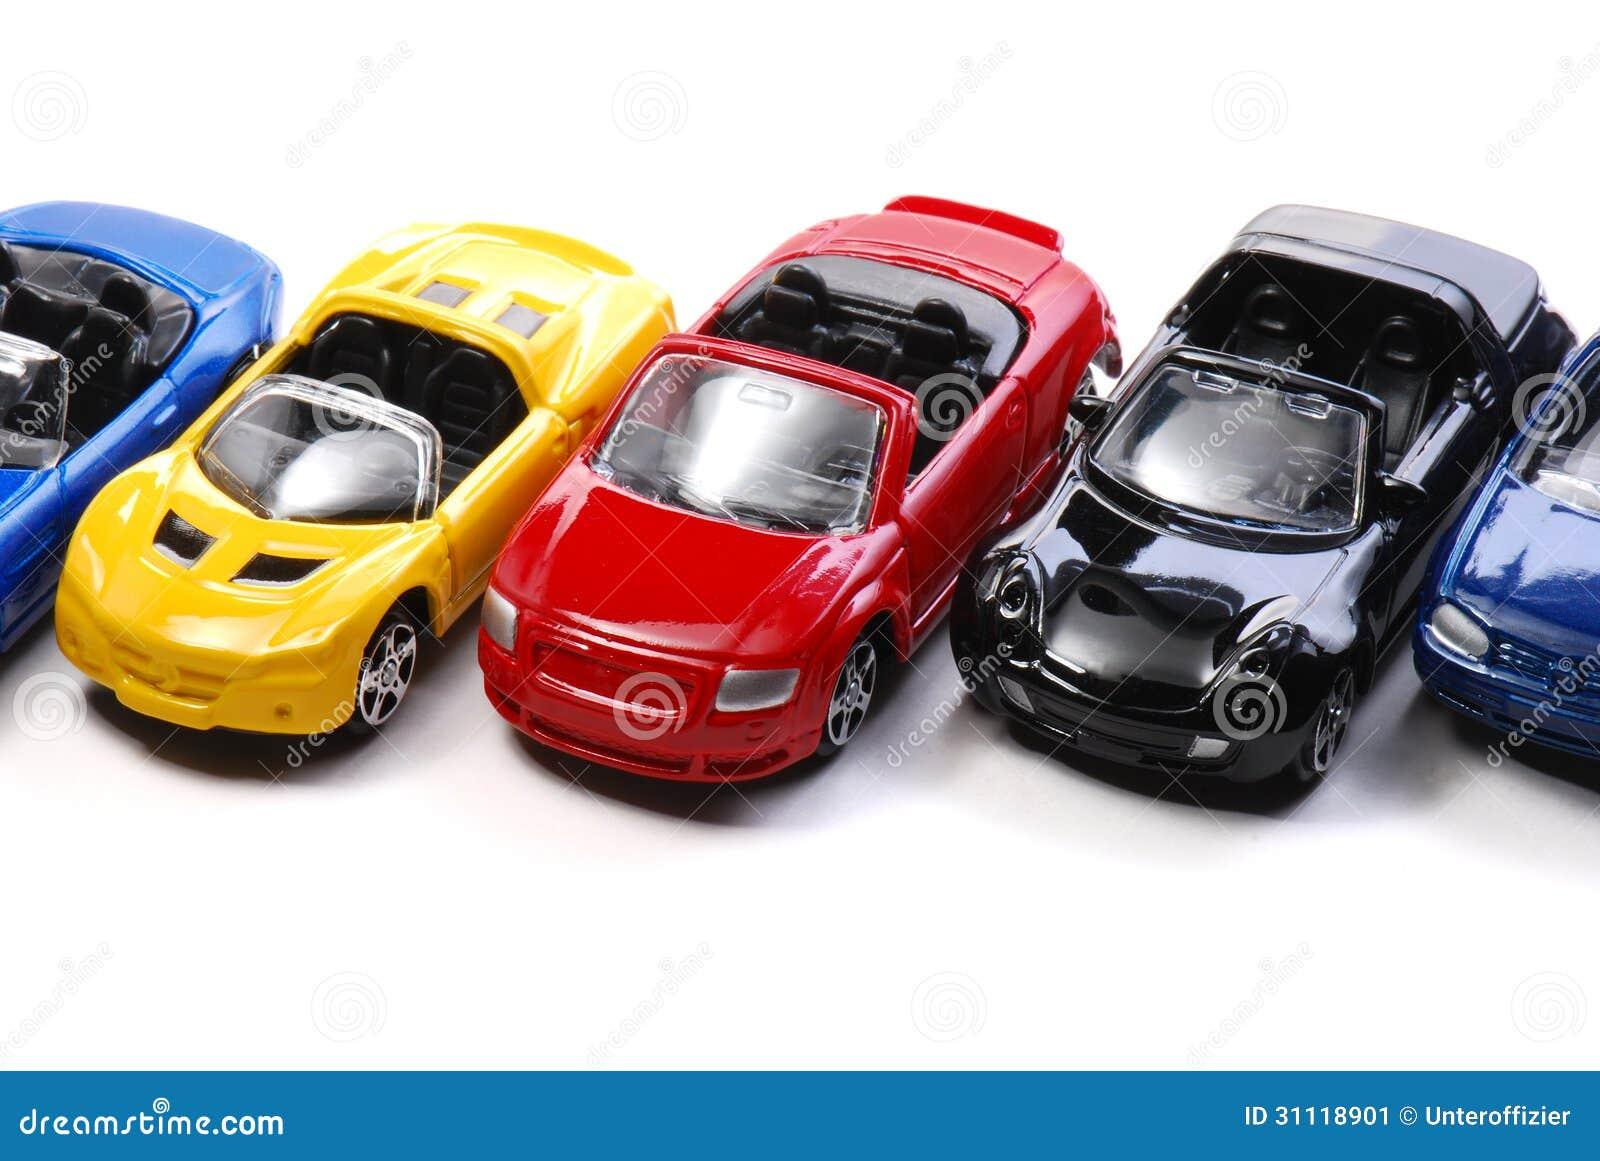 Zabawkarscy samochody